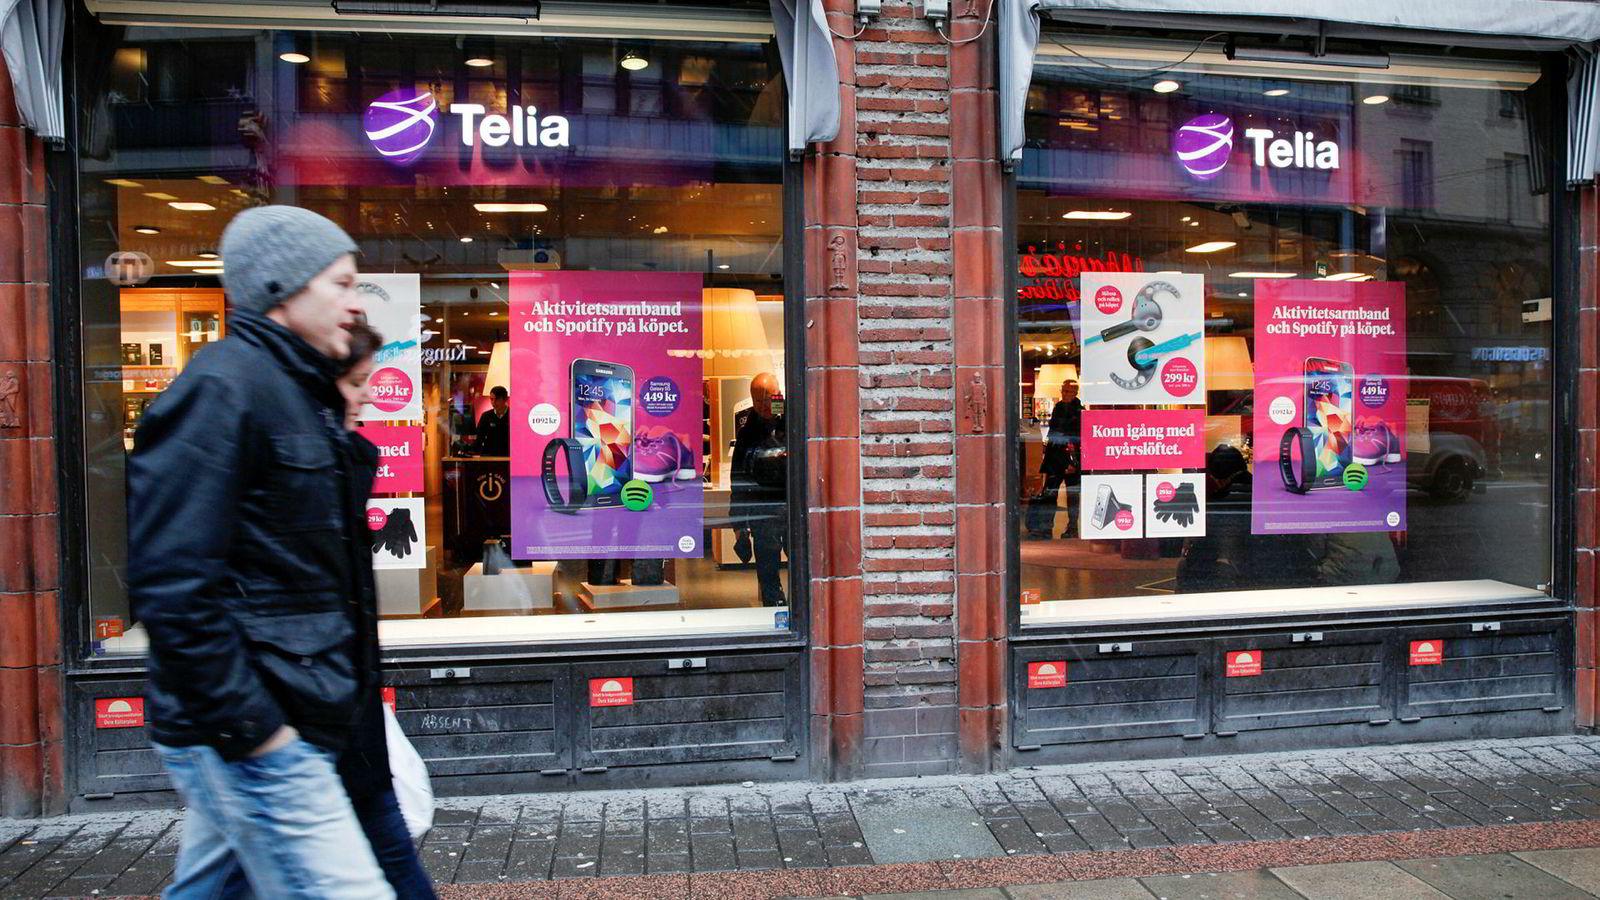 Svenske kunder av Telia tilbys et helt annet sikkerhetsnivå og beskyttelse mot mobilkapring enn norske Telia-kunder. Mens svensker er godt sikret mot at fremmede skal kunne kapre deres mobilnummer, er nordmenn mer utsatt fordi hverken myndighetene eller teleselskapet krever høyere sikkerhetsnivå for norske kunder.